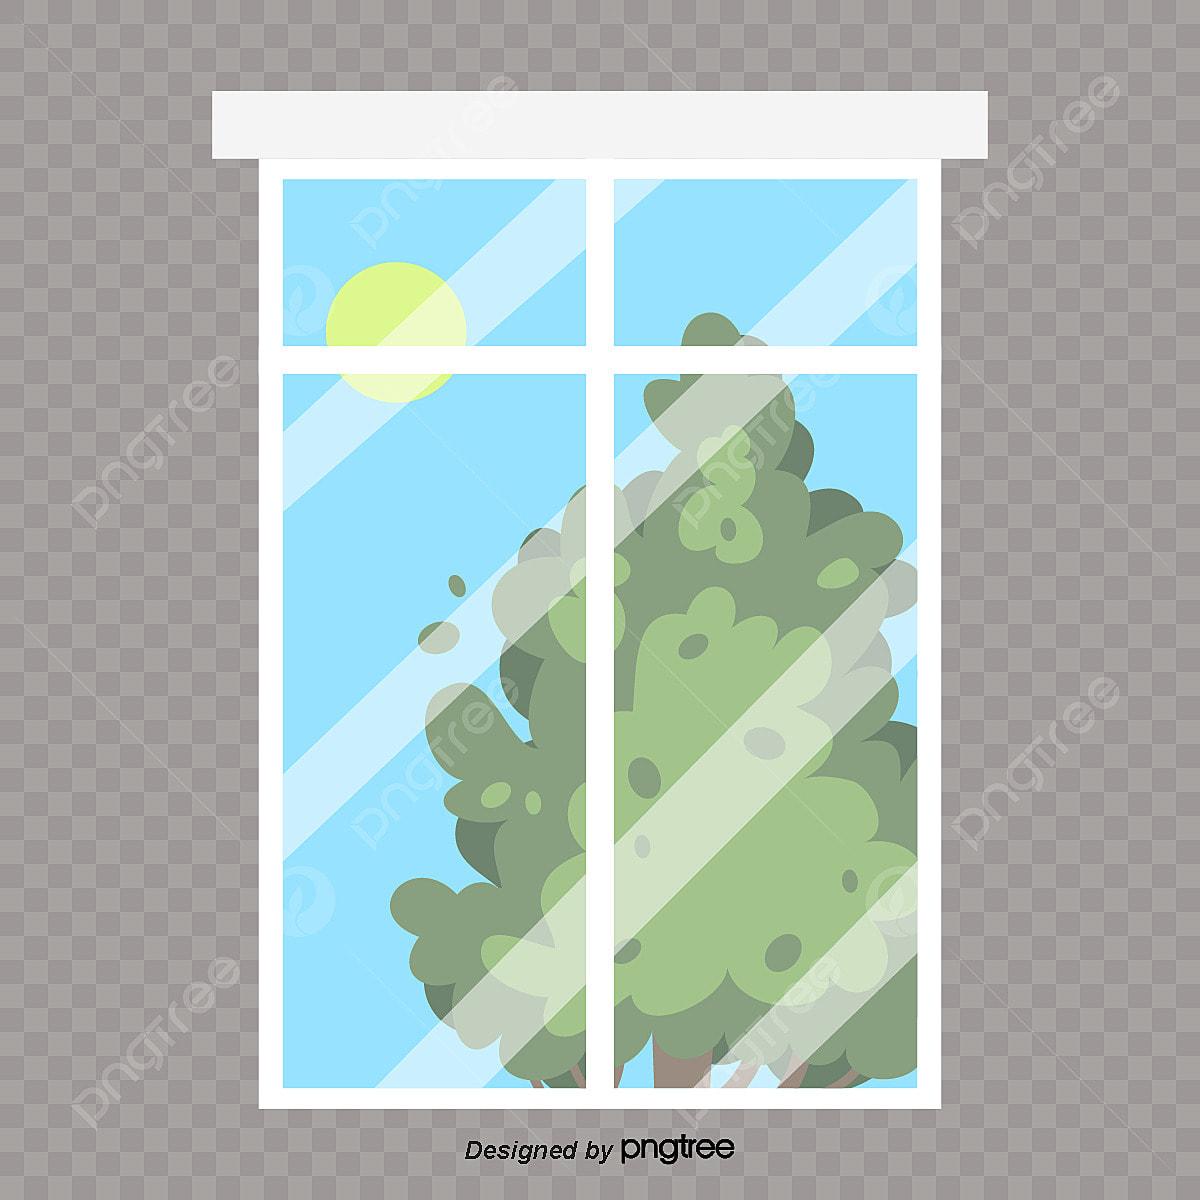 مشهد خارج النافذة نافذة نافذة او شباك خارج النافذة Png والمتجهات للتحميل مجانا